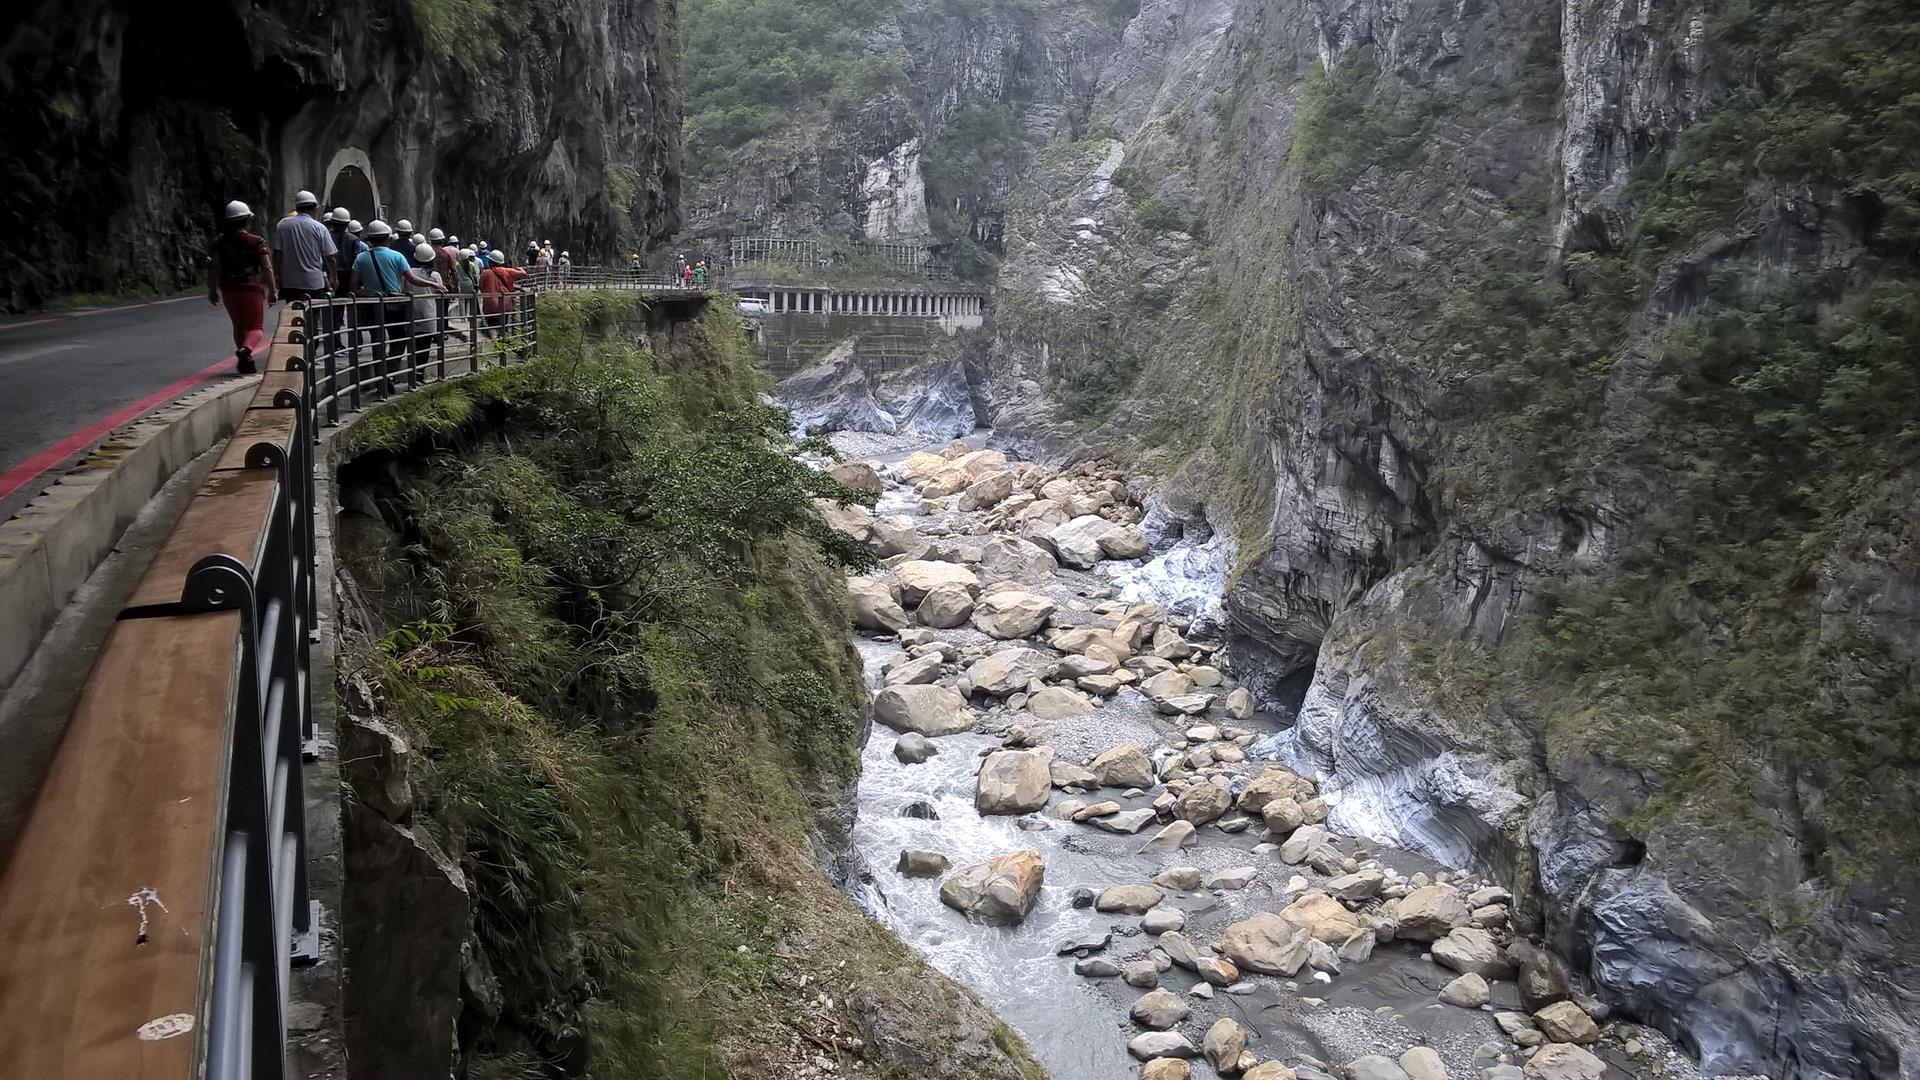 ... unter denen sich chinesische Touristen verbergen